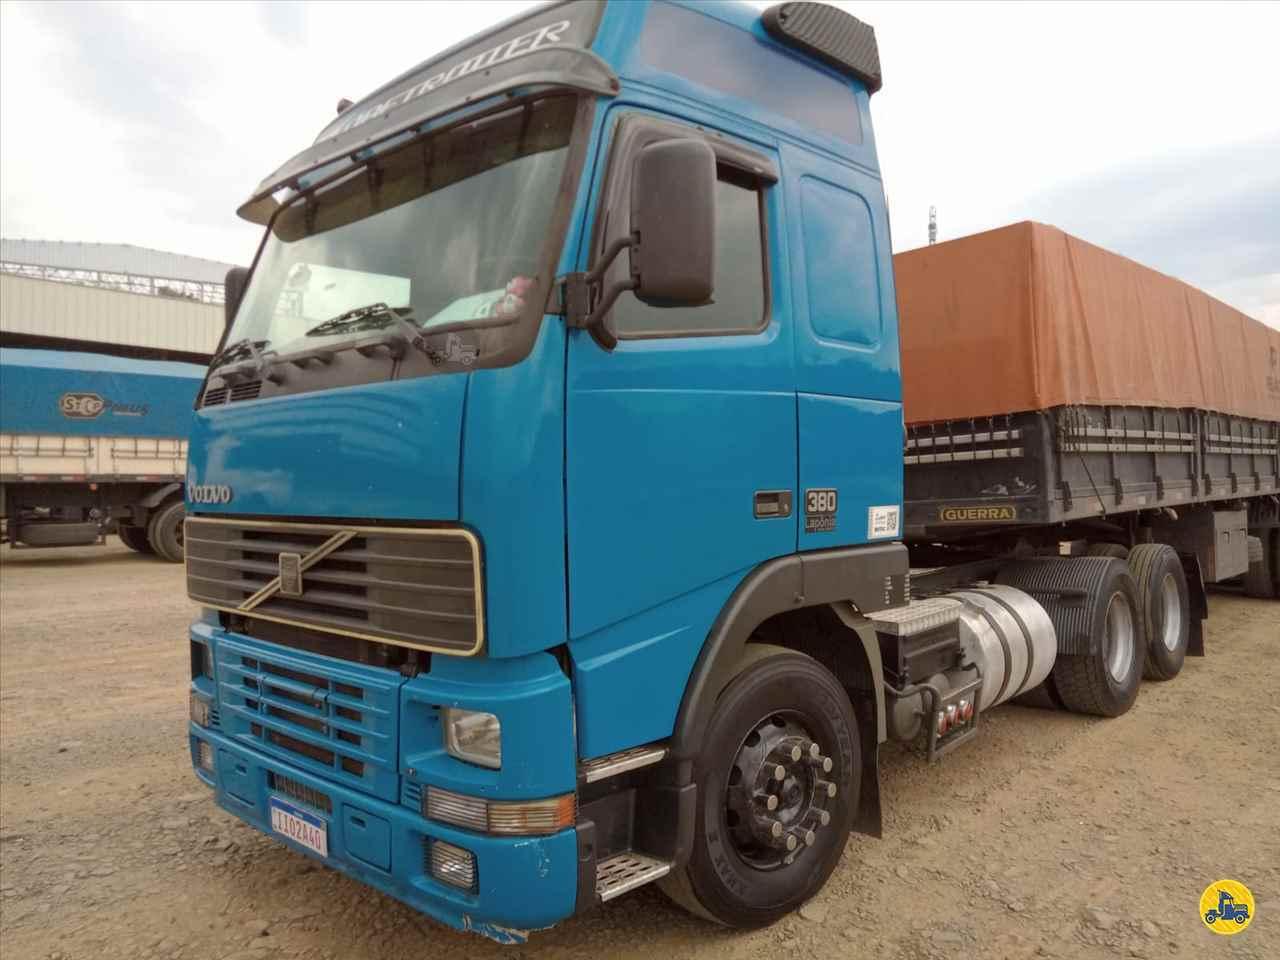 CAMINHAO VOLVO VOLVO FH12 380 Cavalo Mecânico Truck 6x2 Zanon Caminhões e Implementos PASSO FUNDO RIO GRANDE DO SUL RS